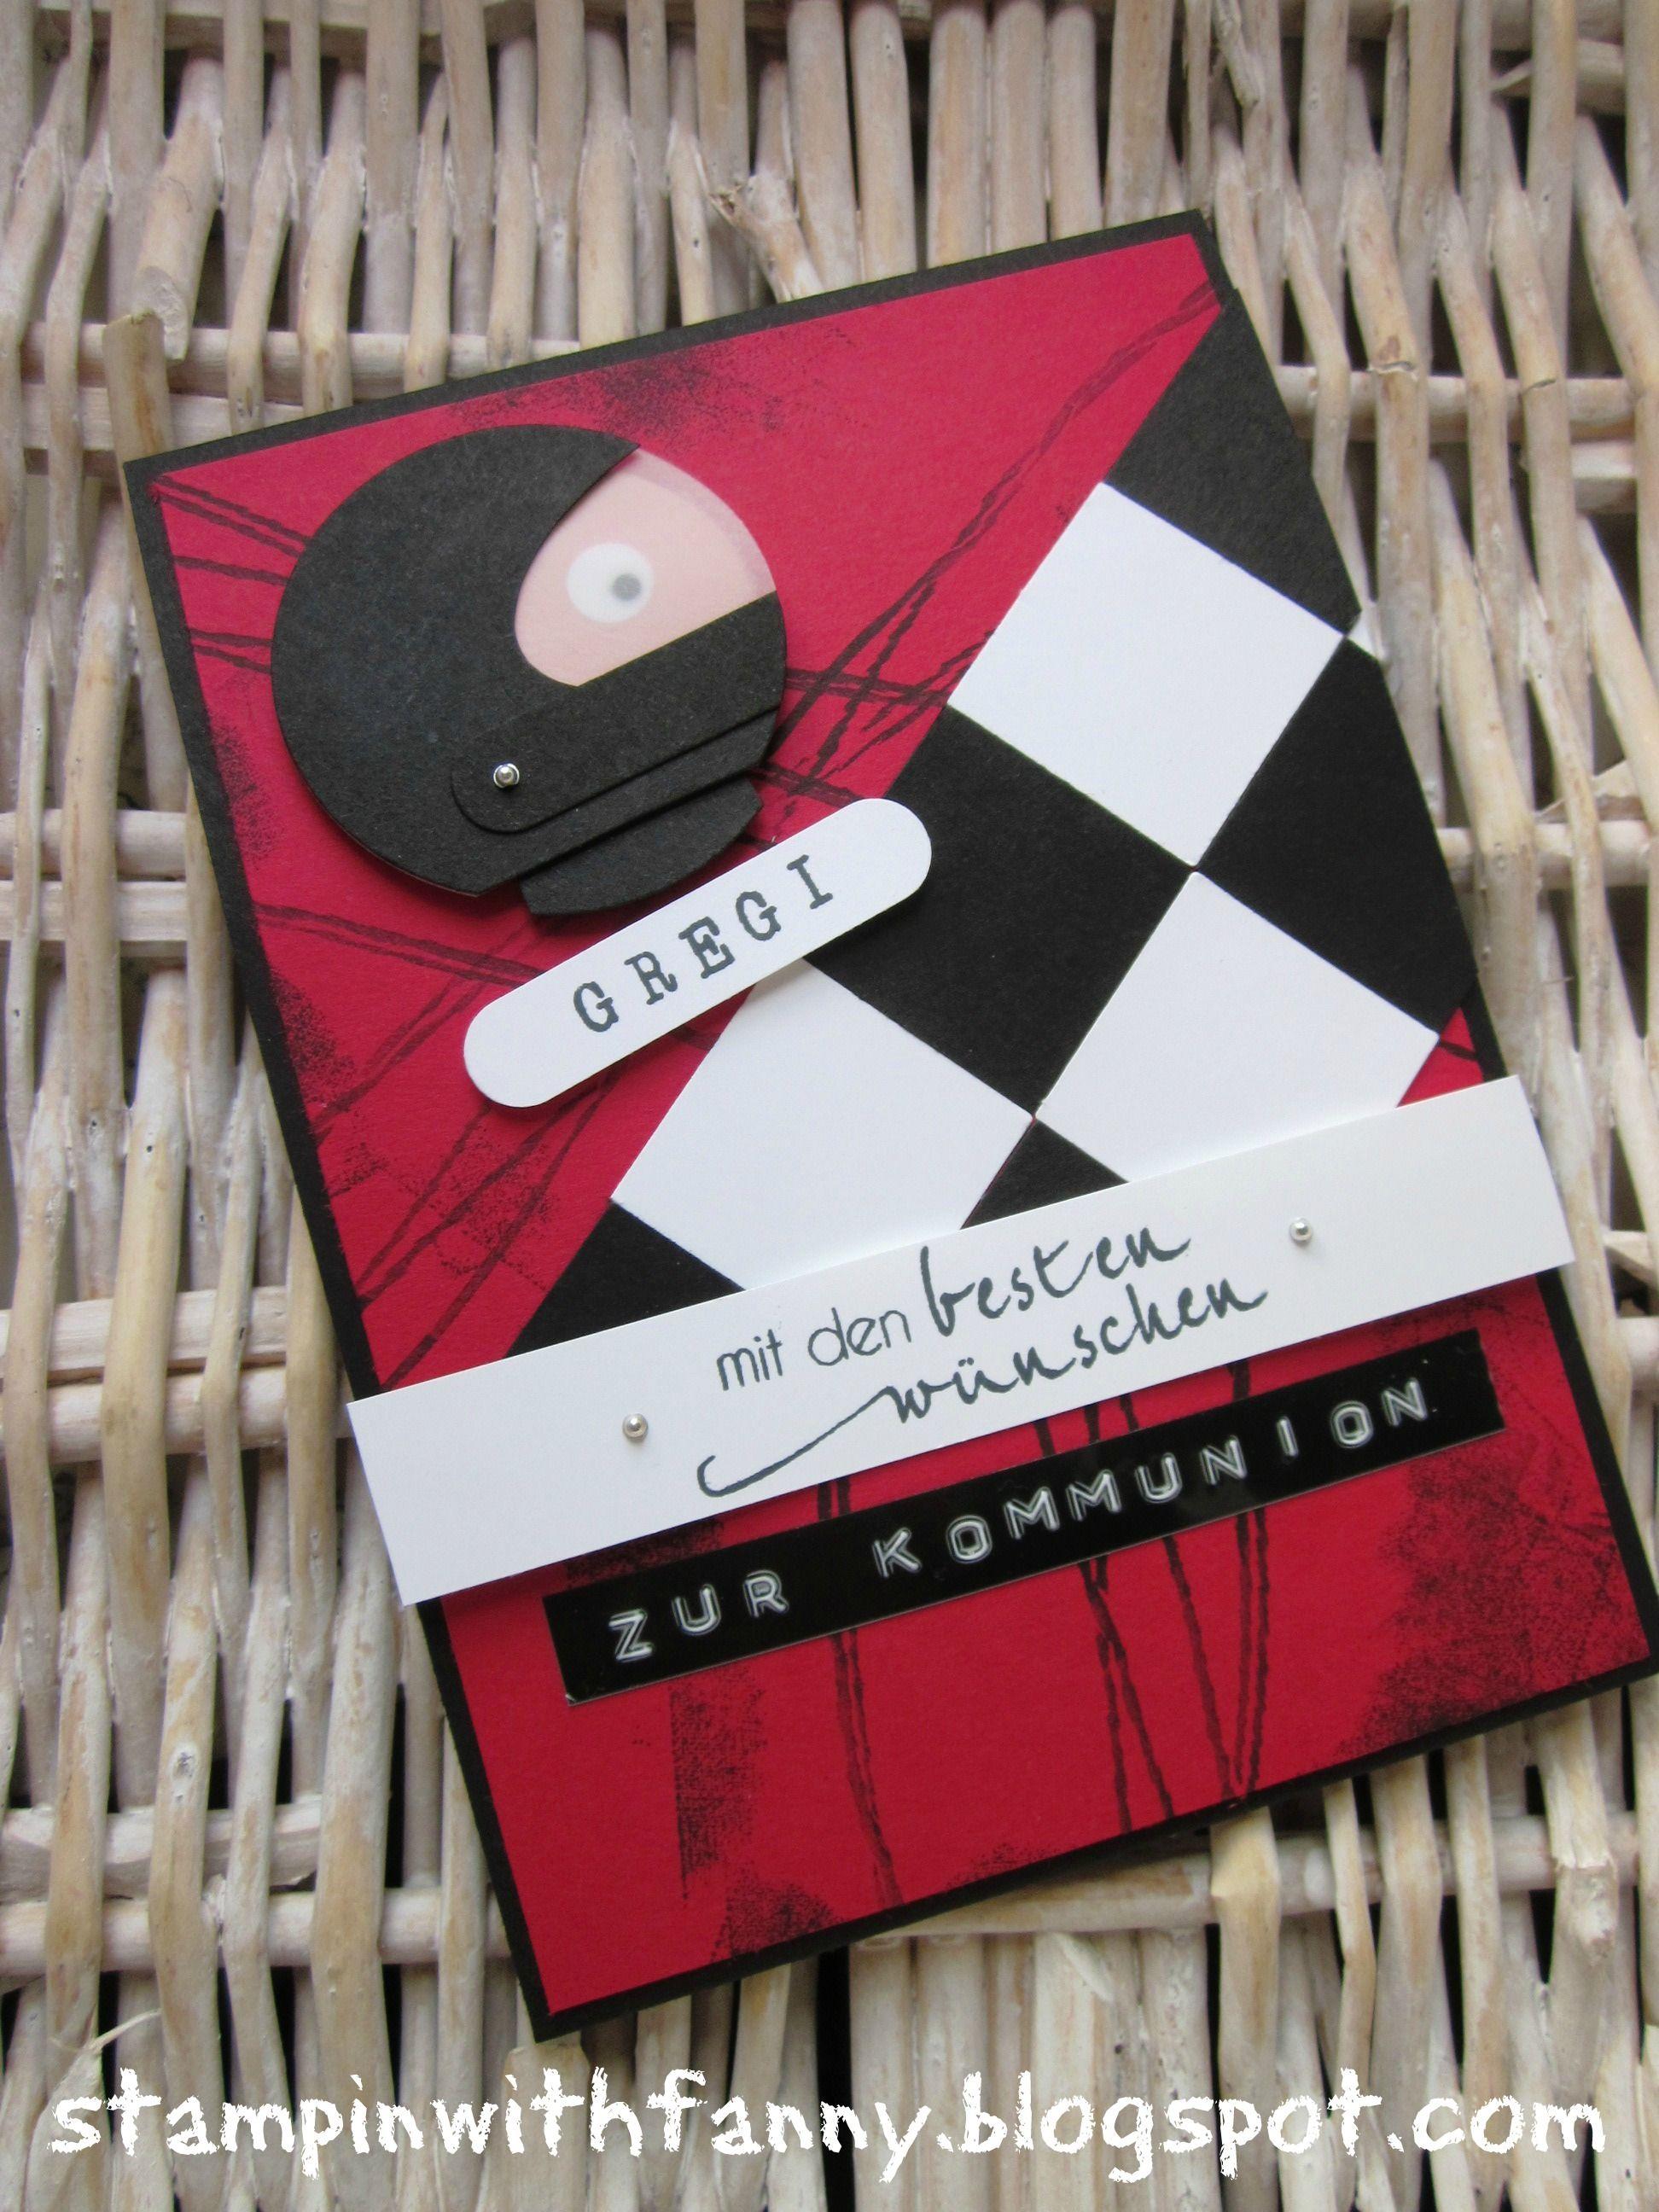 Gutschein Zum Kartfahren Mit Dem Envelope Punch Board Gutschein Basteln Gutscheine Kartfahren